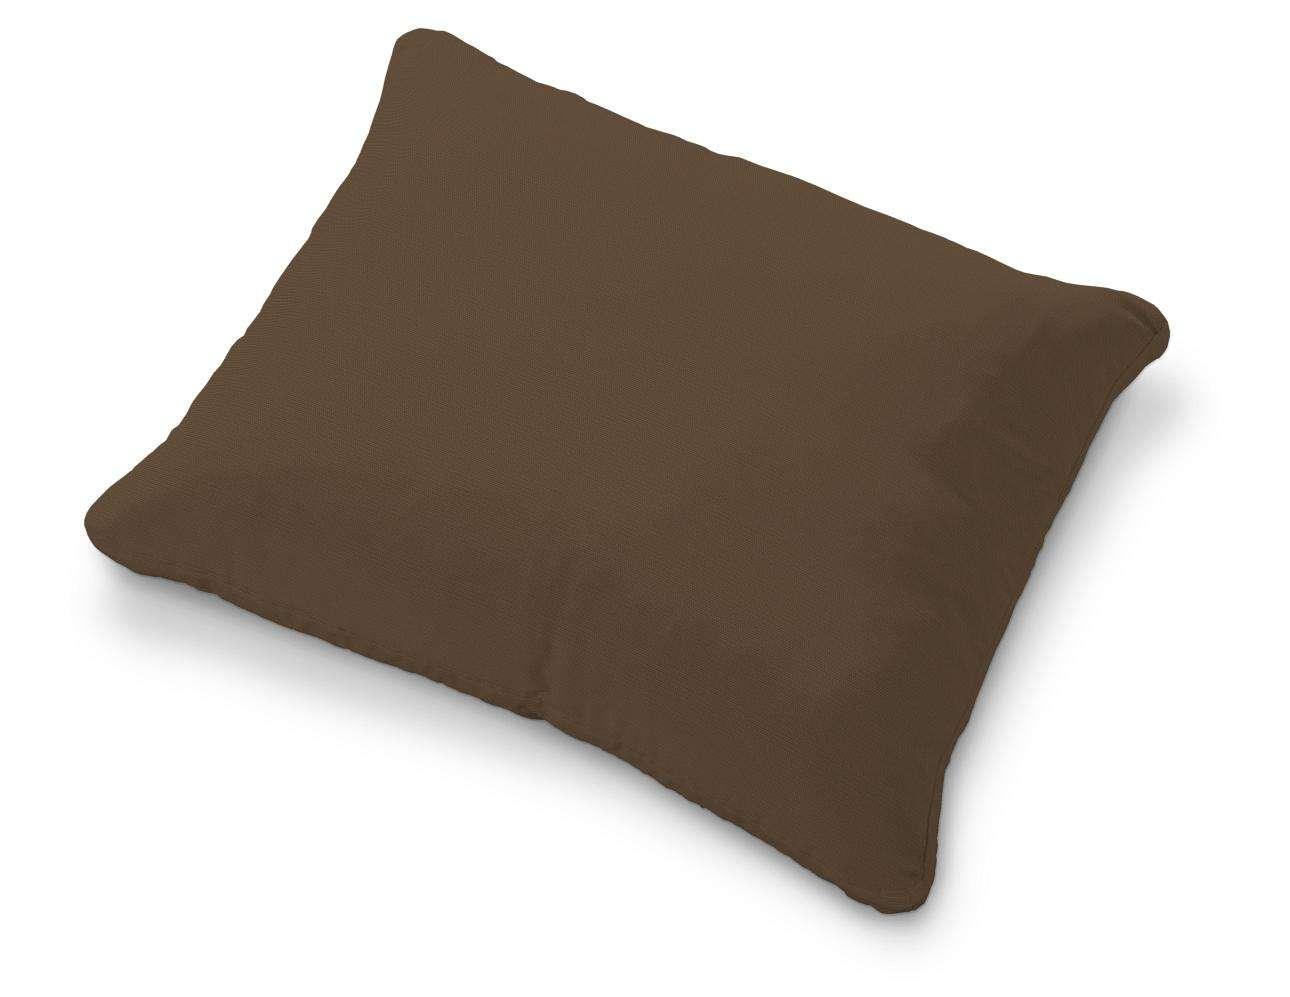 Poszewka na poduszkę Karlstad 58x48cm poduszka Karlstad 58x48cm w kolekcji Cotton Panama, tkanina: 702-02